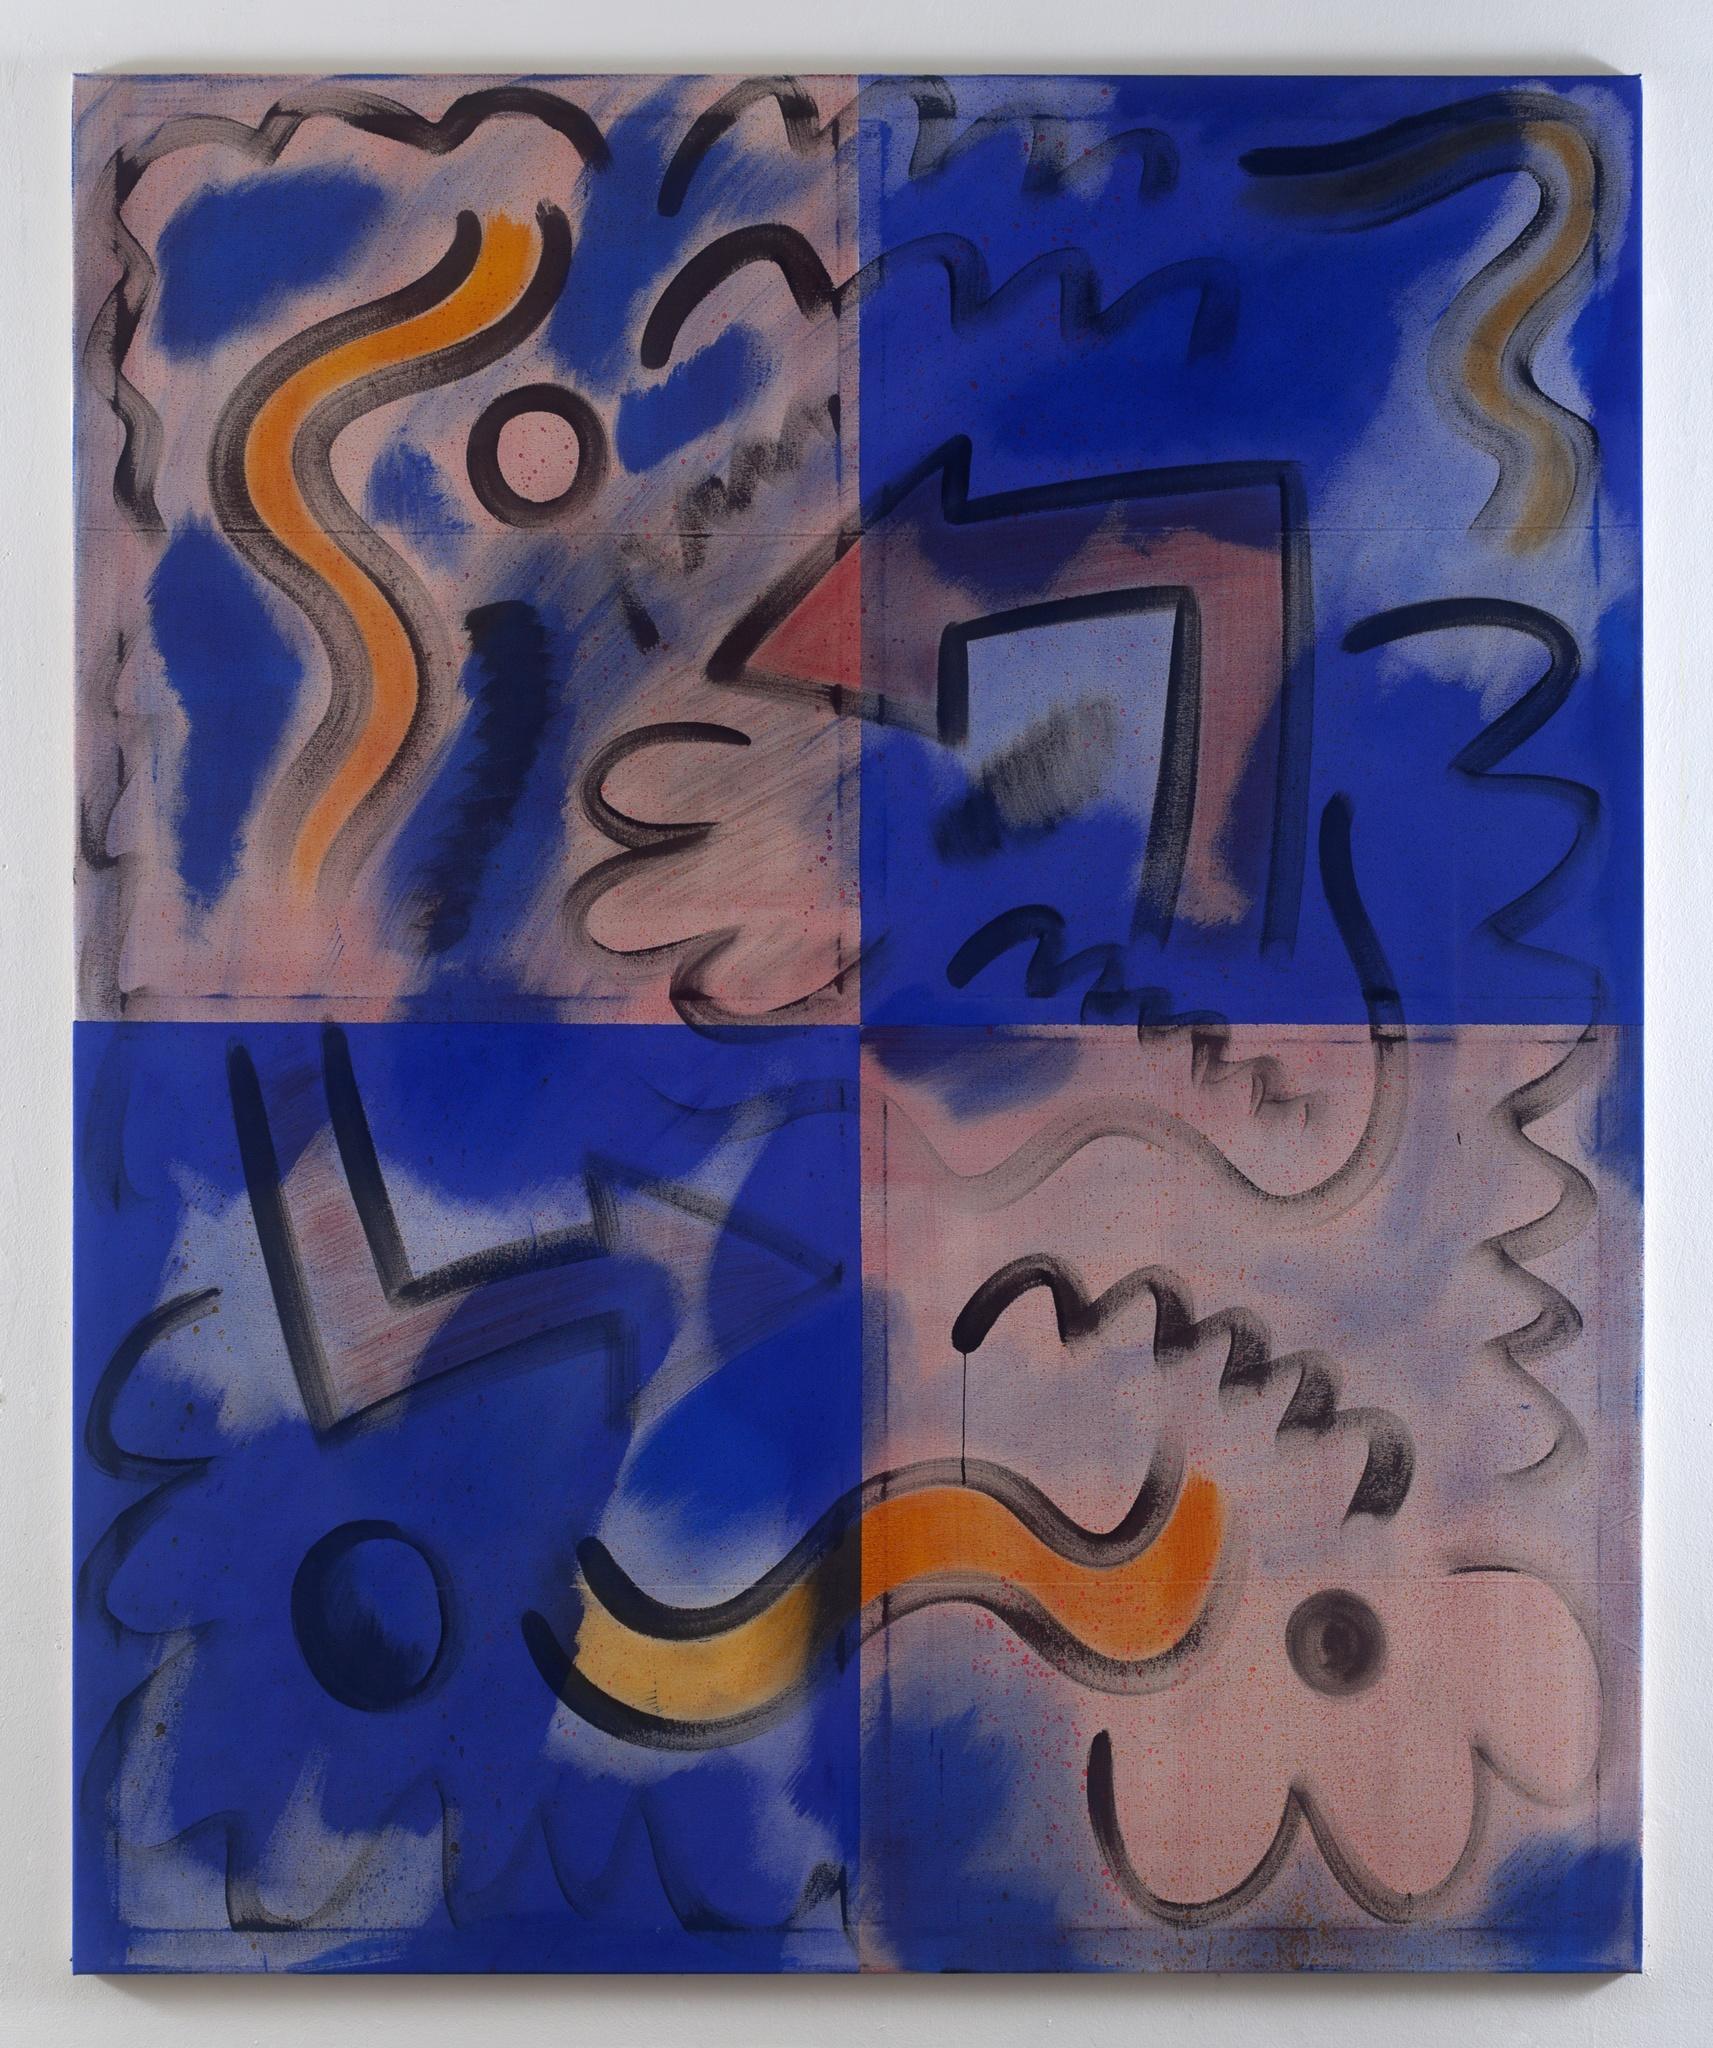 David Krňanský , BHG 4, 2017, acrylic on canvas, 180 x 145 cm, 70 7/8 x 57 1/8 in. Taken by Nicky Sims.